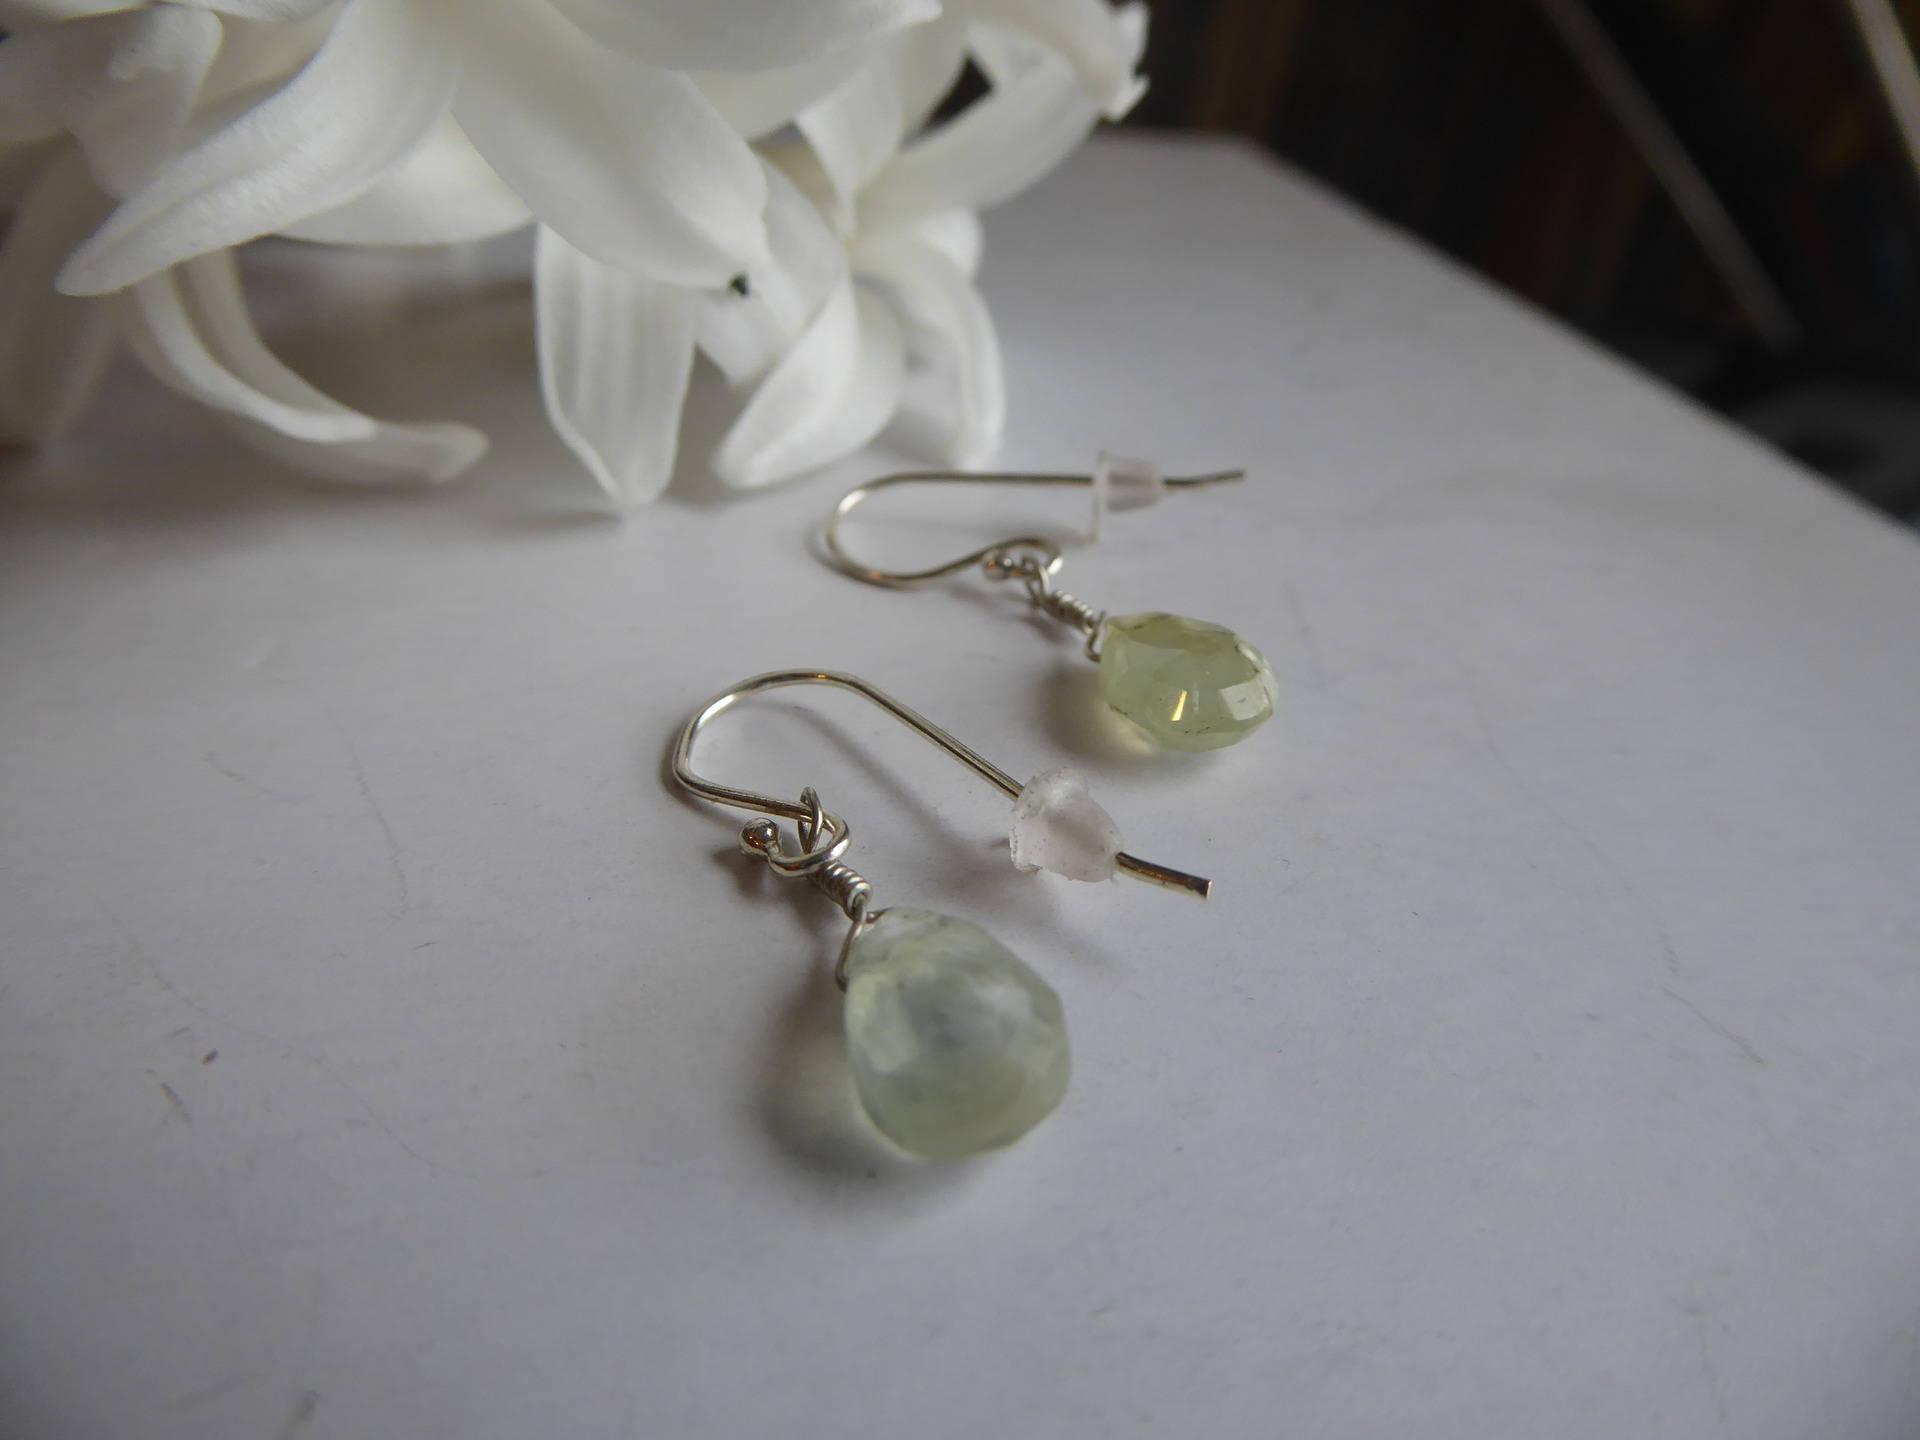 Boucles d'oreilles Pendantes Prehnite vert pale en argent massif 925